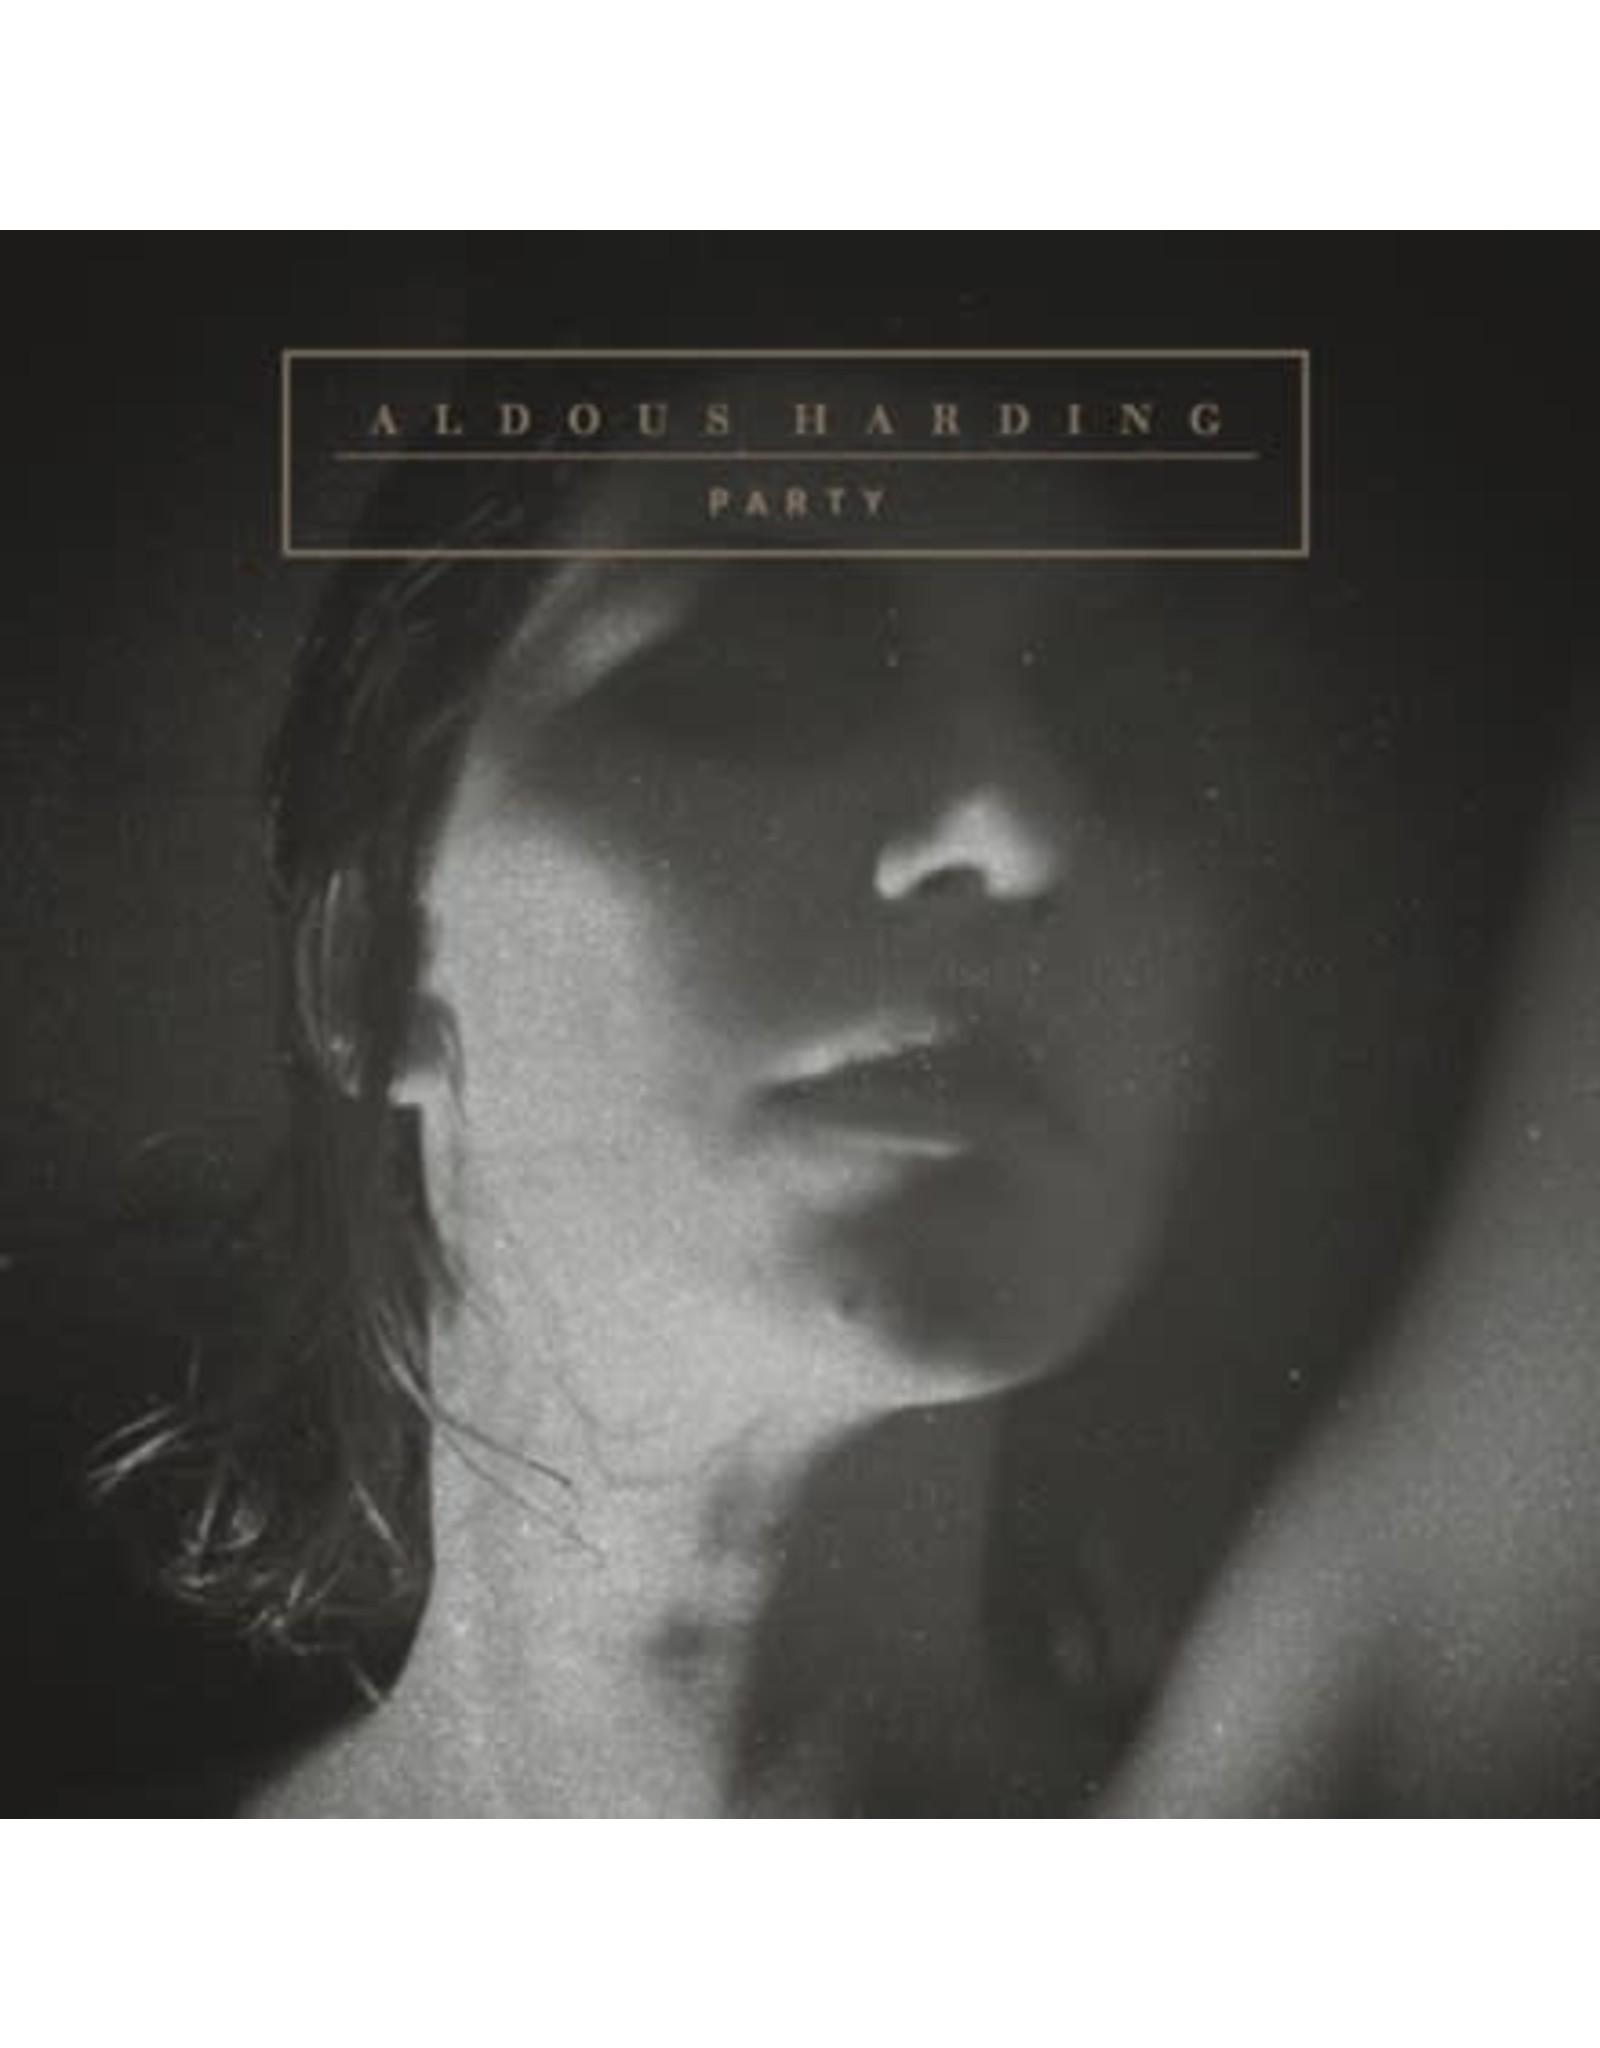 4AD Harding, Aldous: Party LP